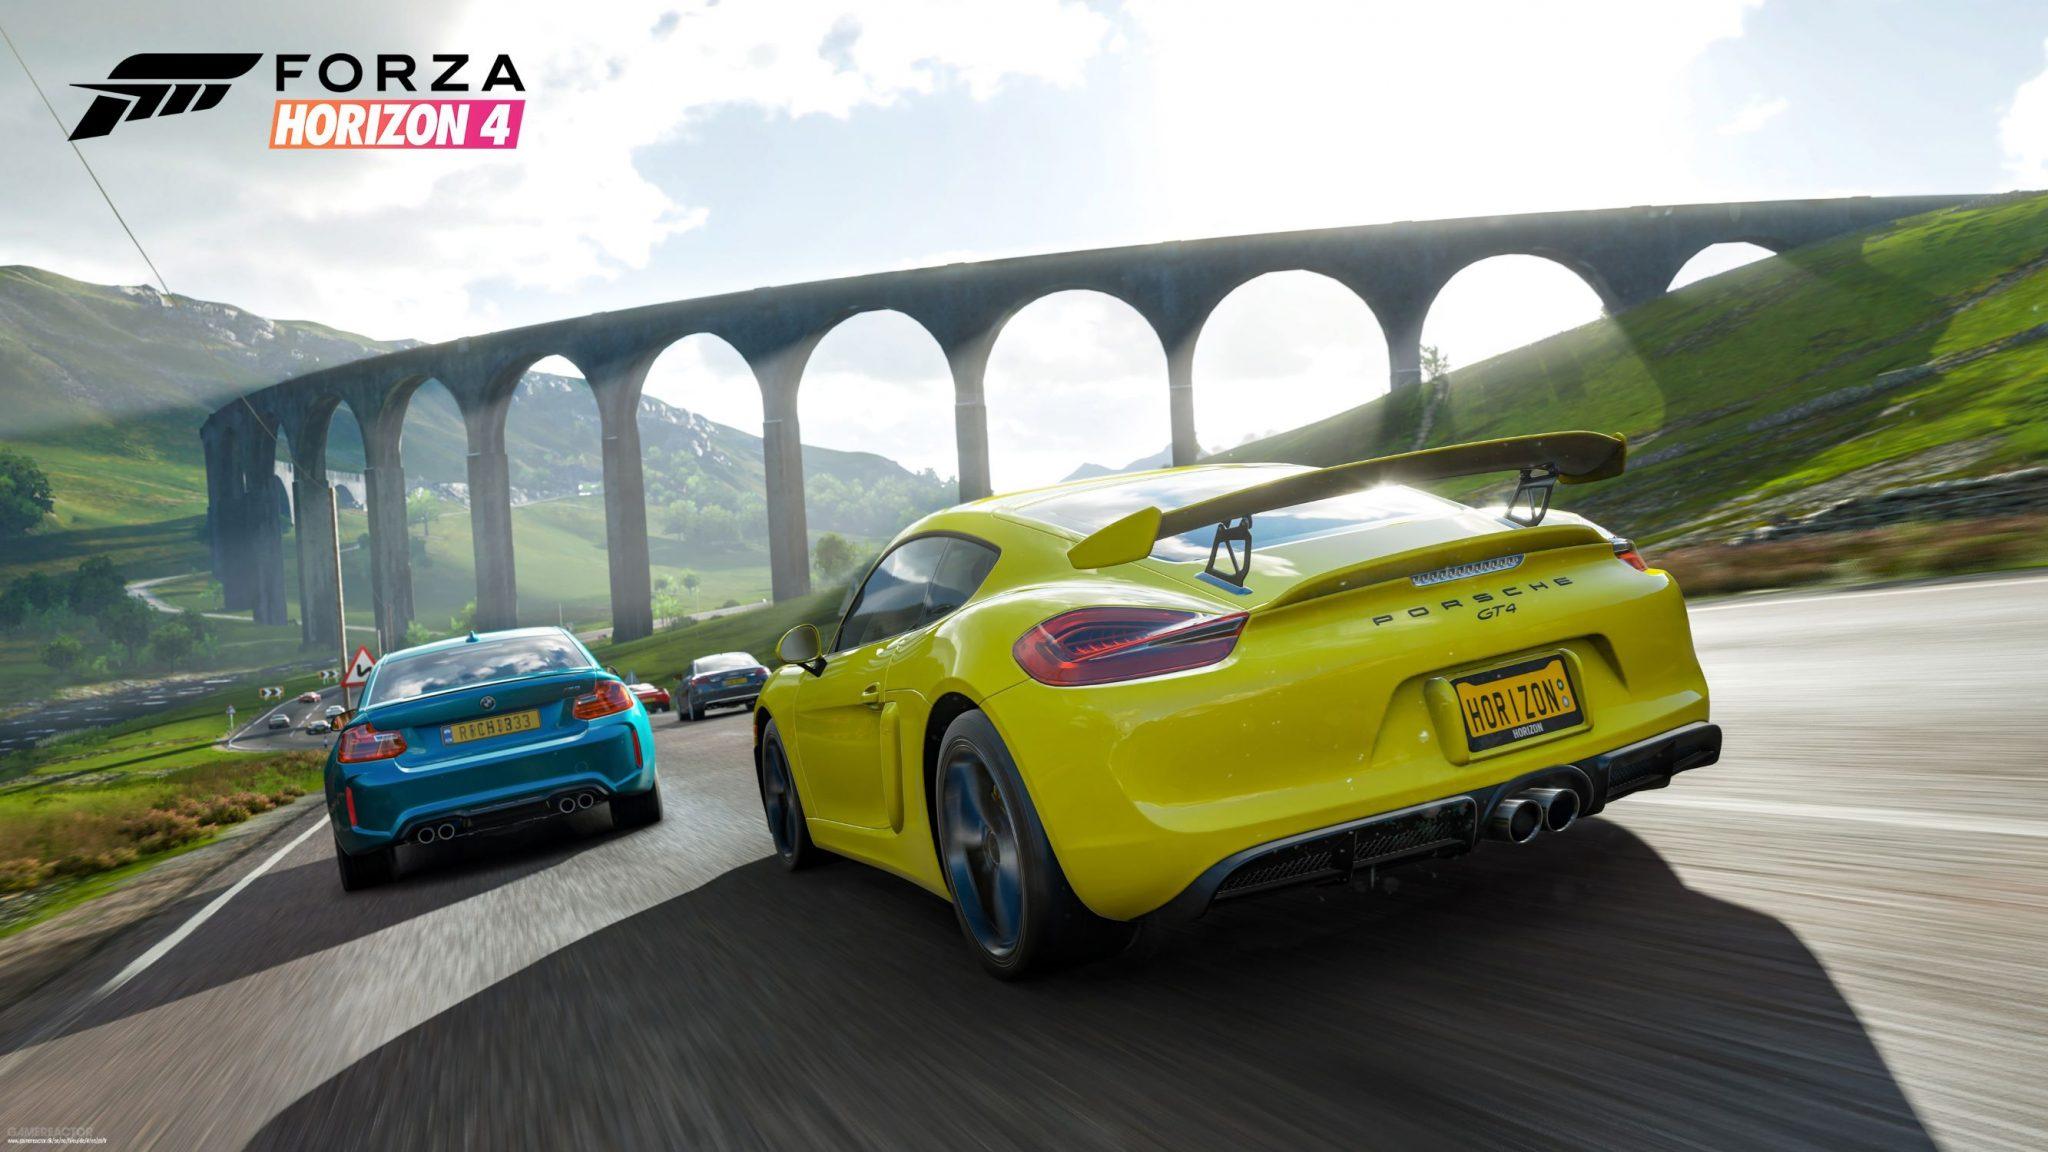 Forza Horizon 4 Simulatori di guida 2